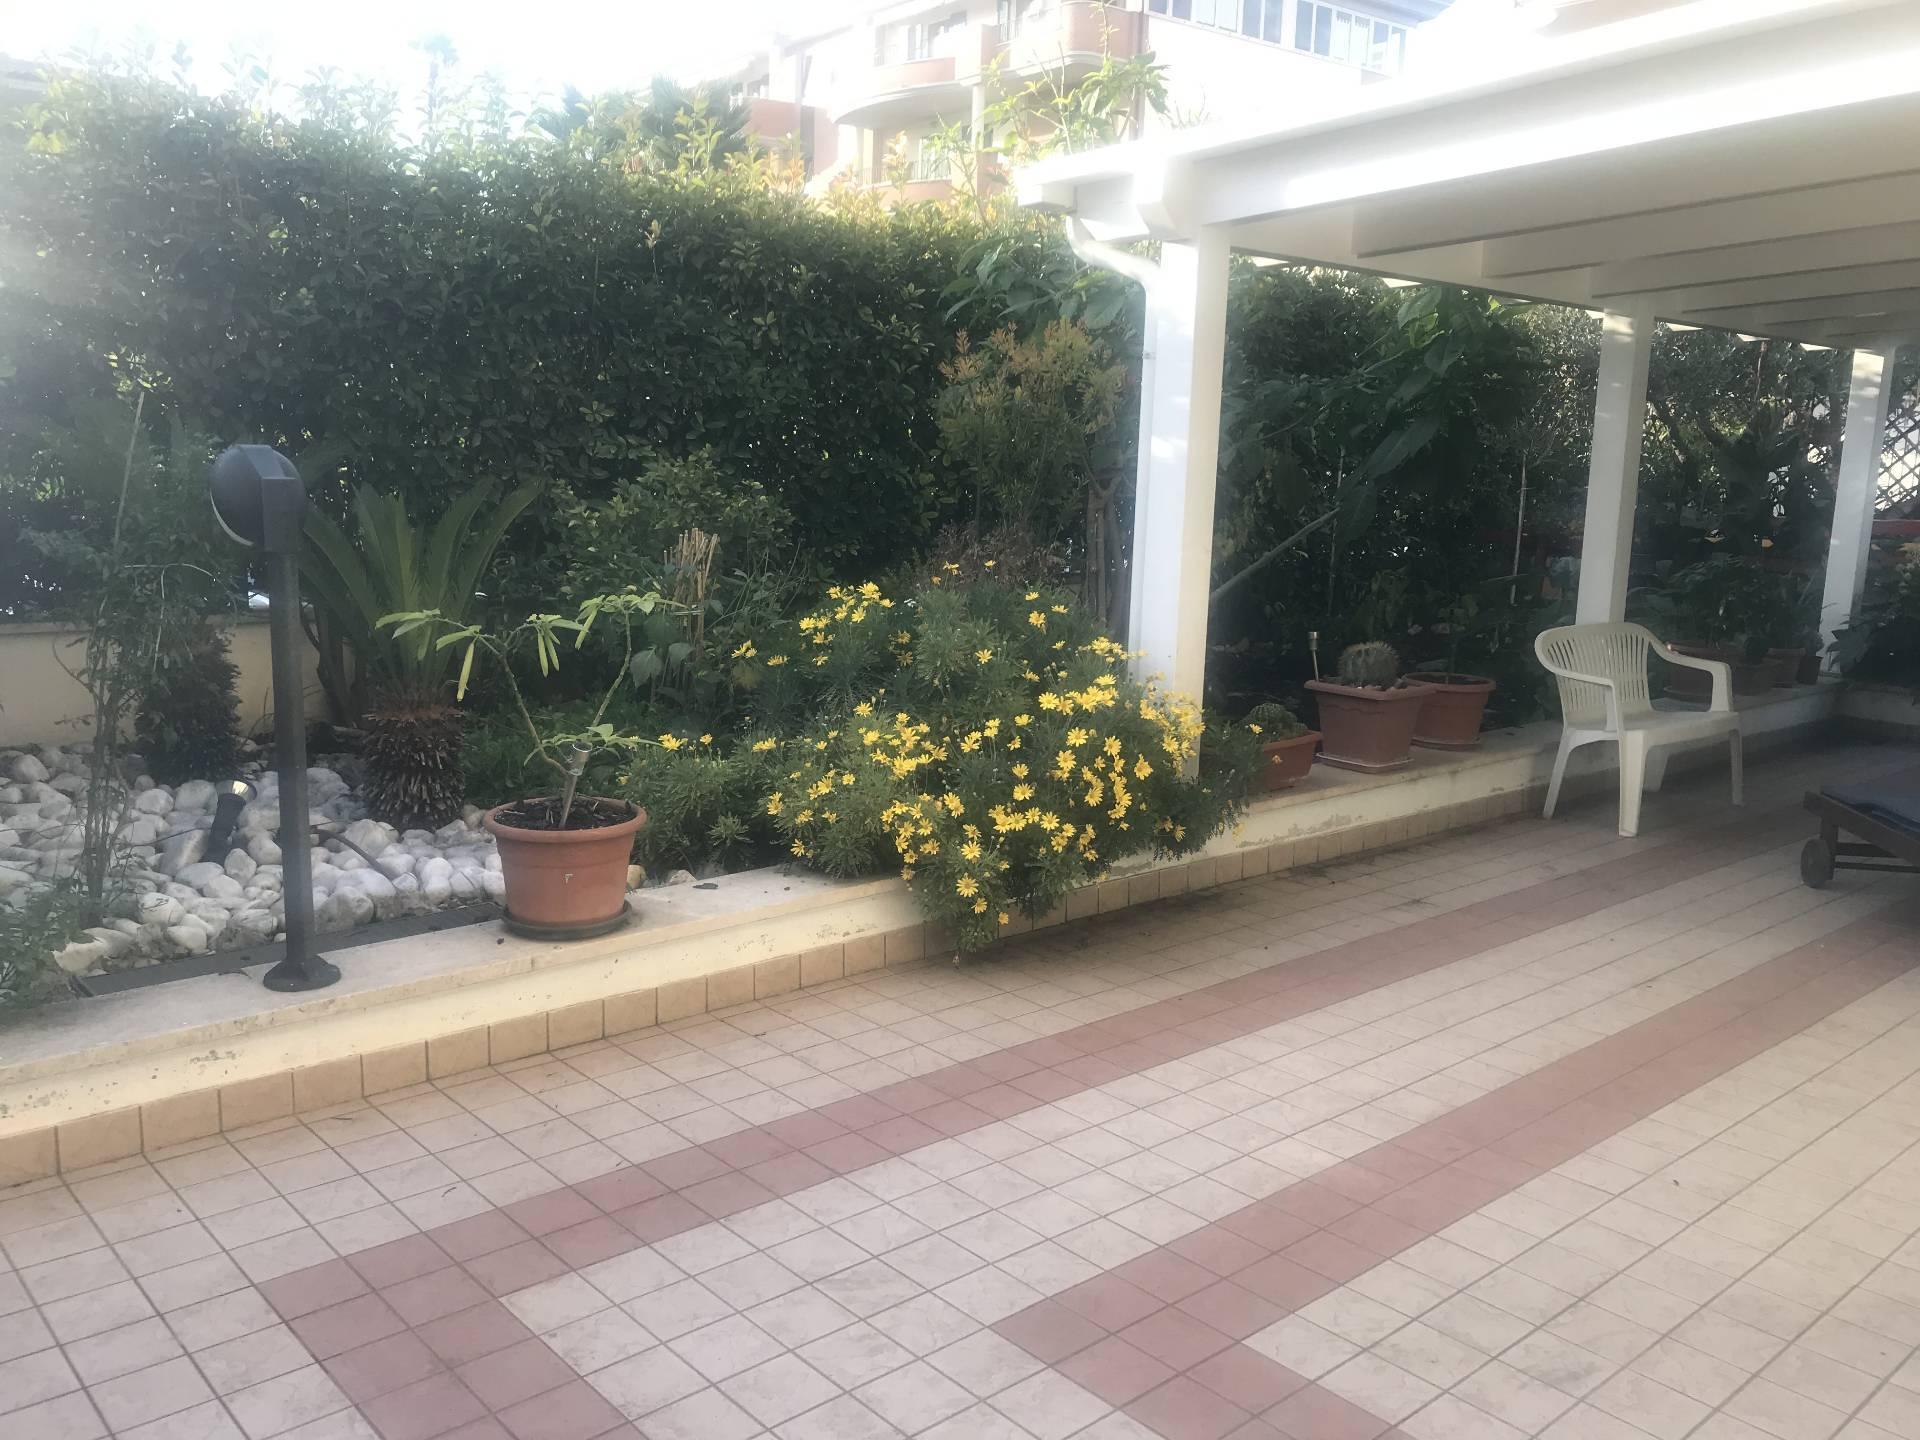 Appartamento in vendita a Monteprandone, 5 locali, zona obuchi, prezzo € 230.000 | PortaleAgenzieImmobiliari.it